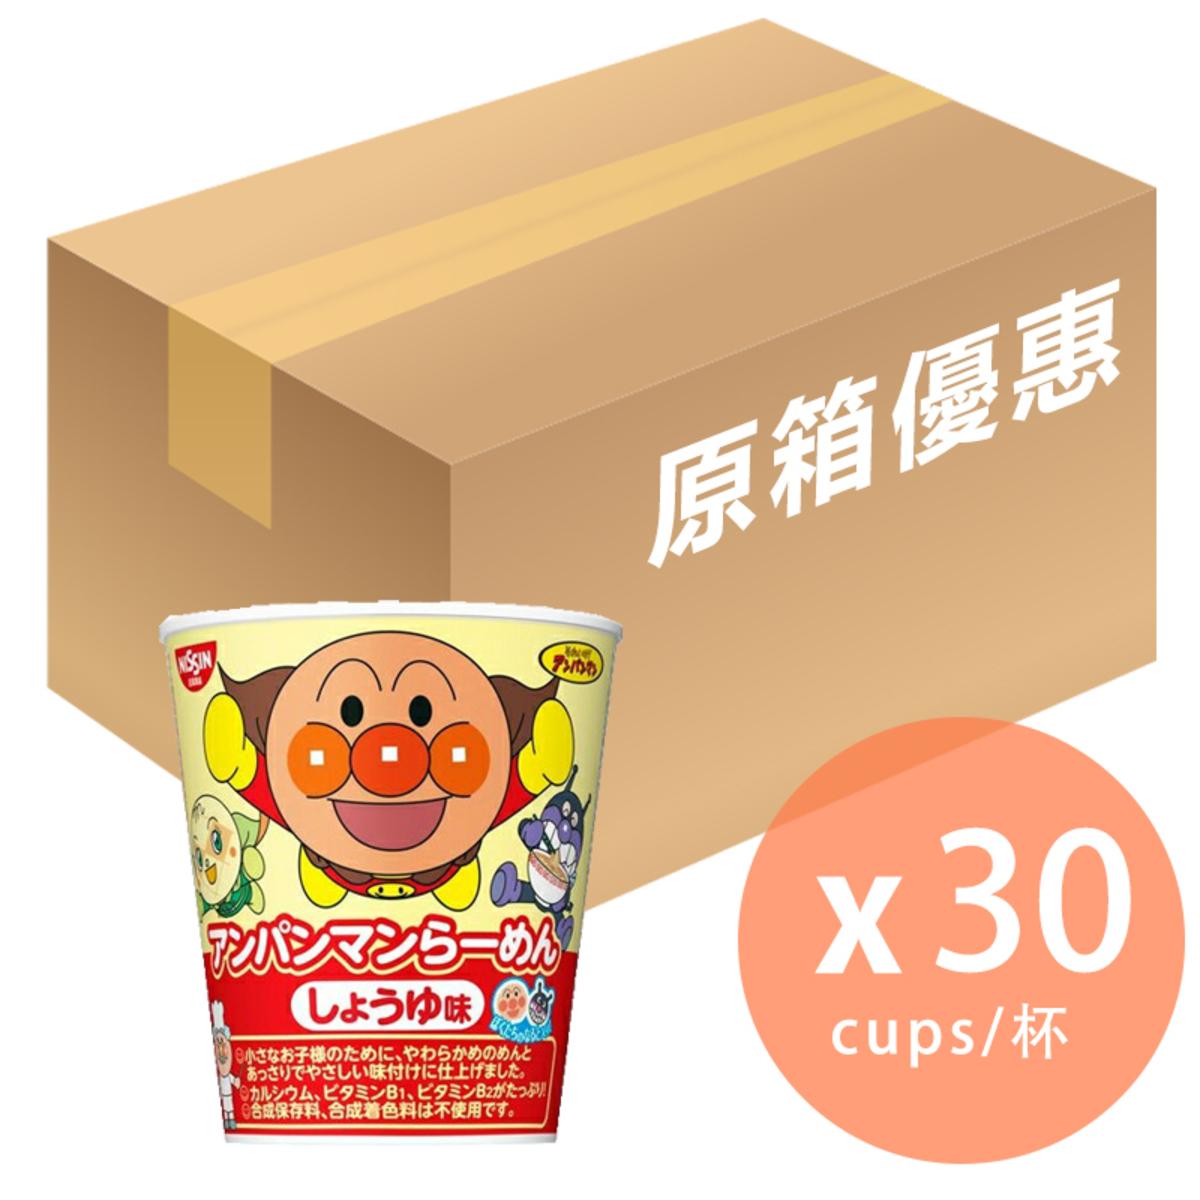 麵包超人醬油味杯麵 33g x 30 (4902105227008_30)